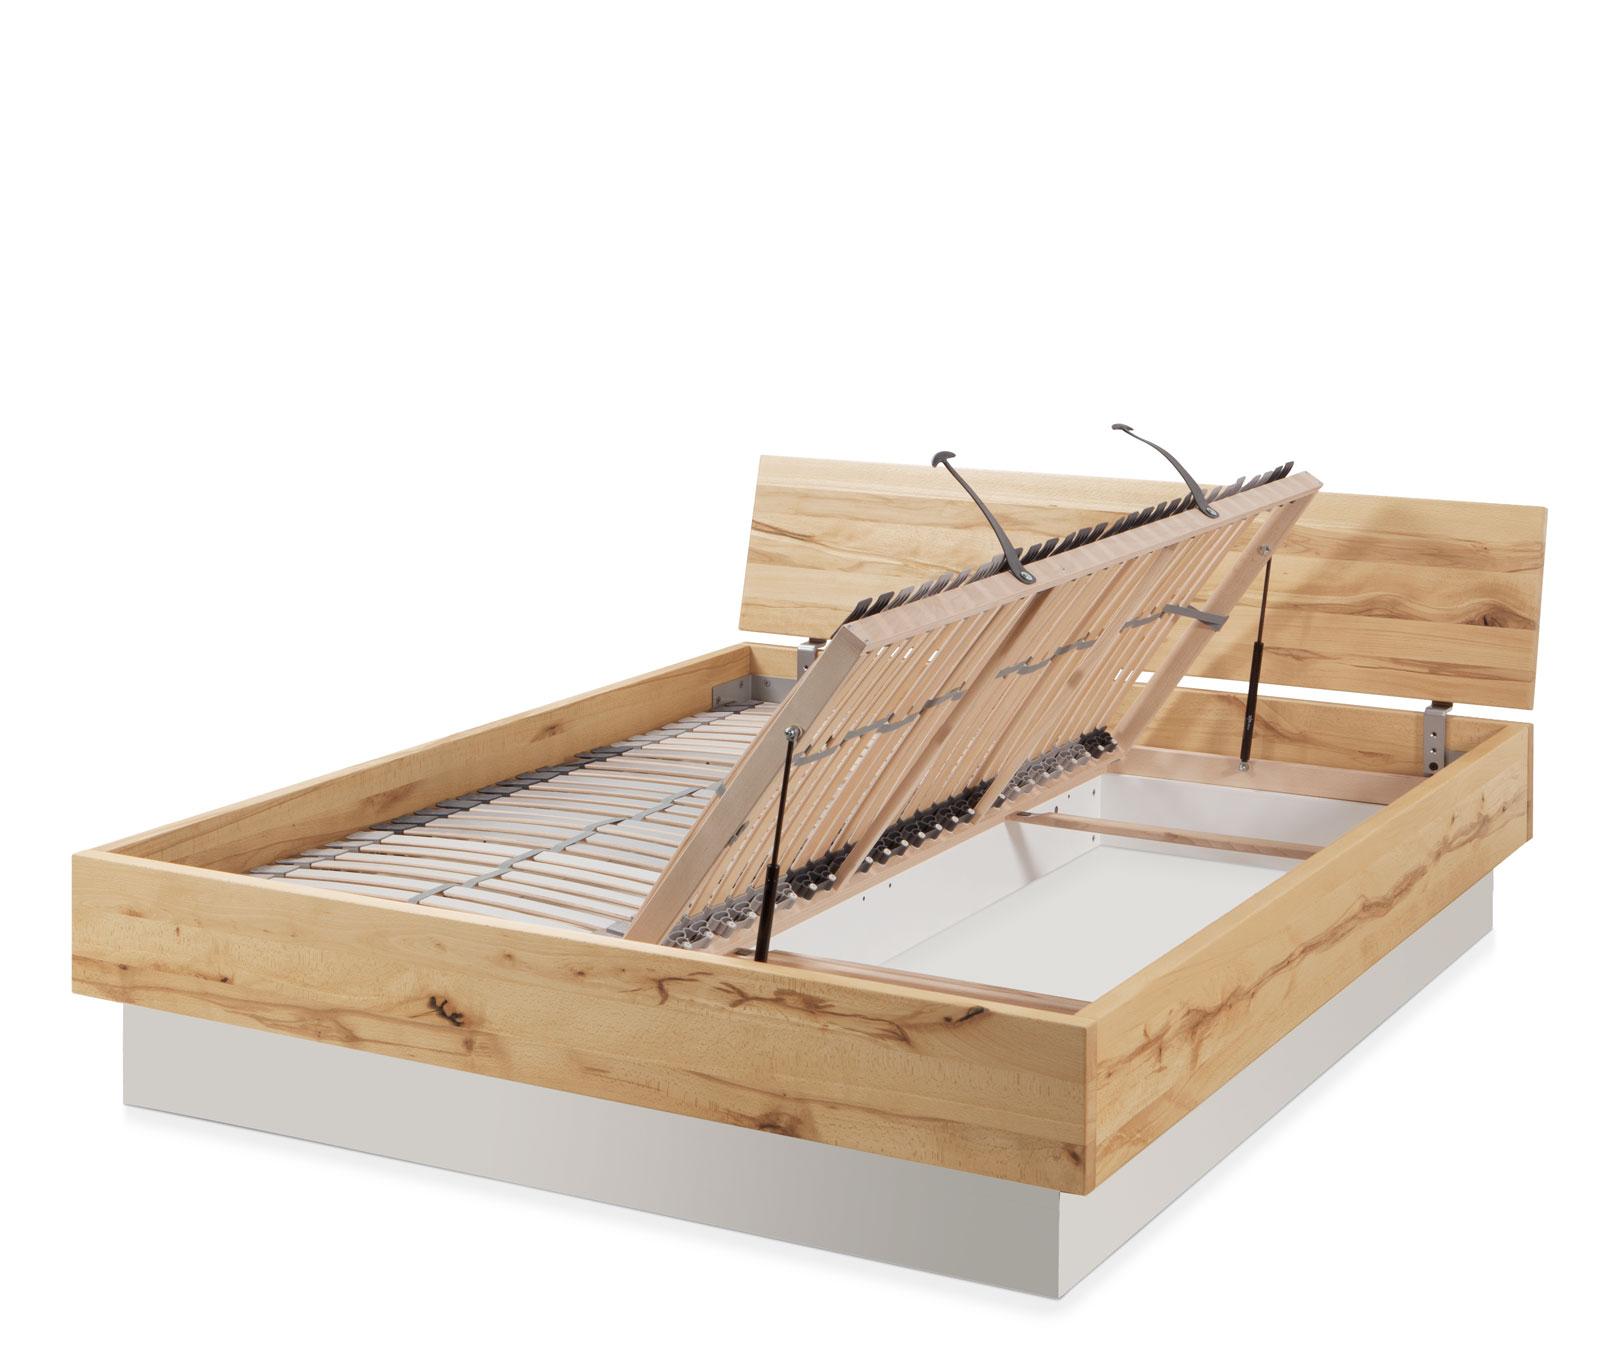 Lattenrost Mit Bettkastenfunktion : massivholzbett mit bettkasten und lattenrost patea ~ Watch28wear.com Haus und Dekorationen